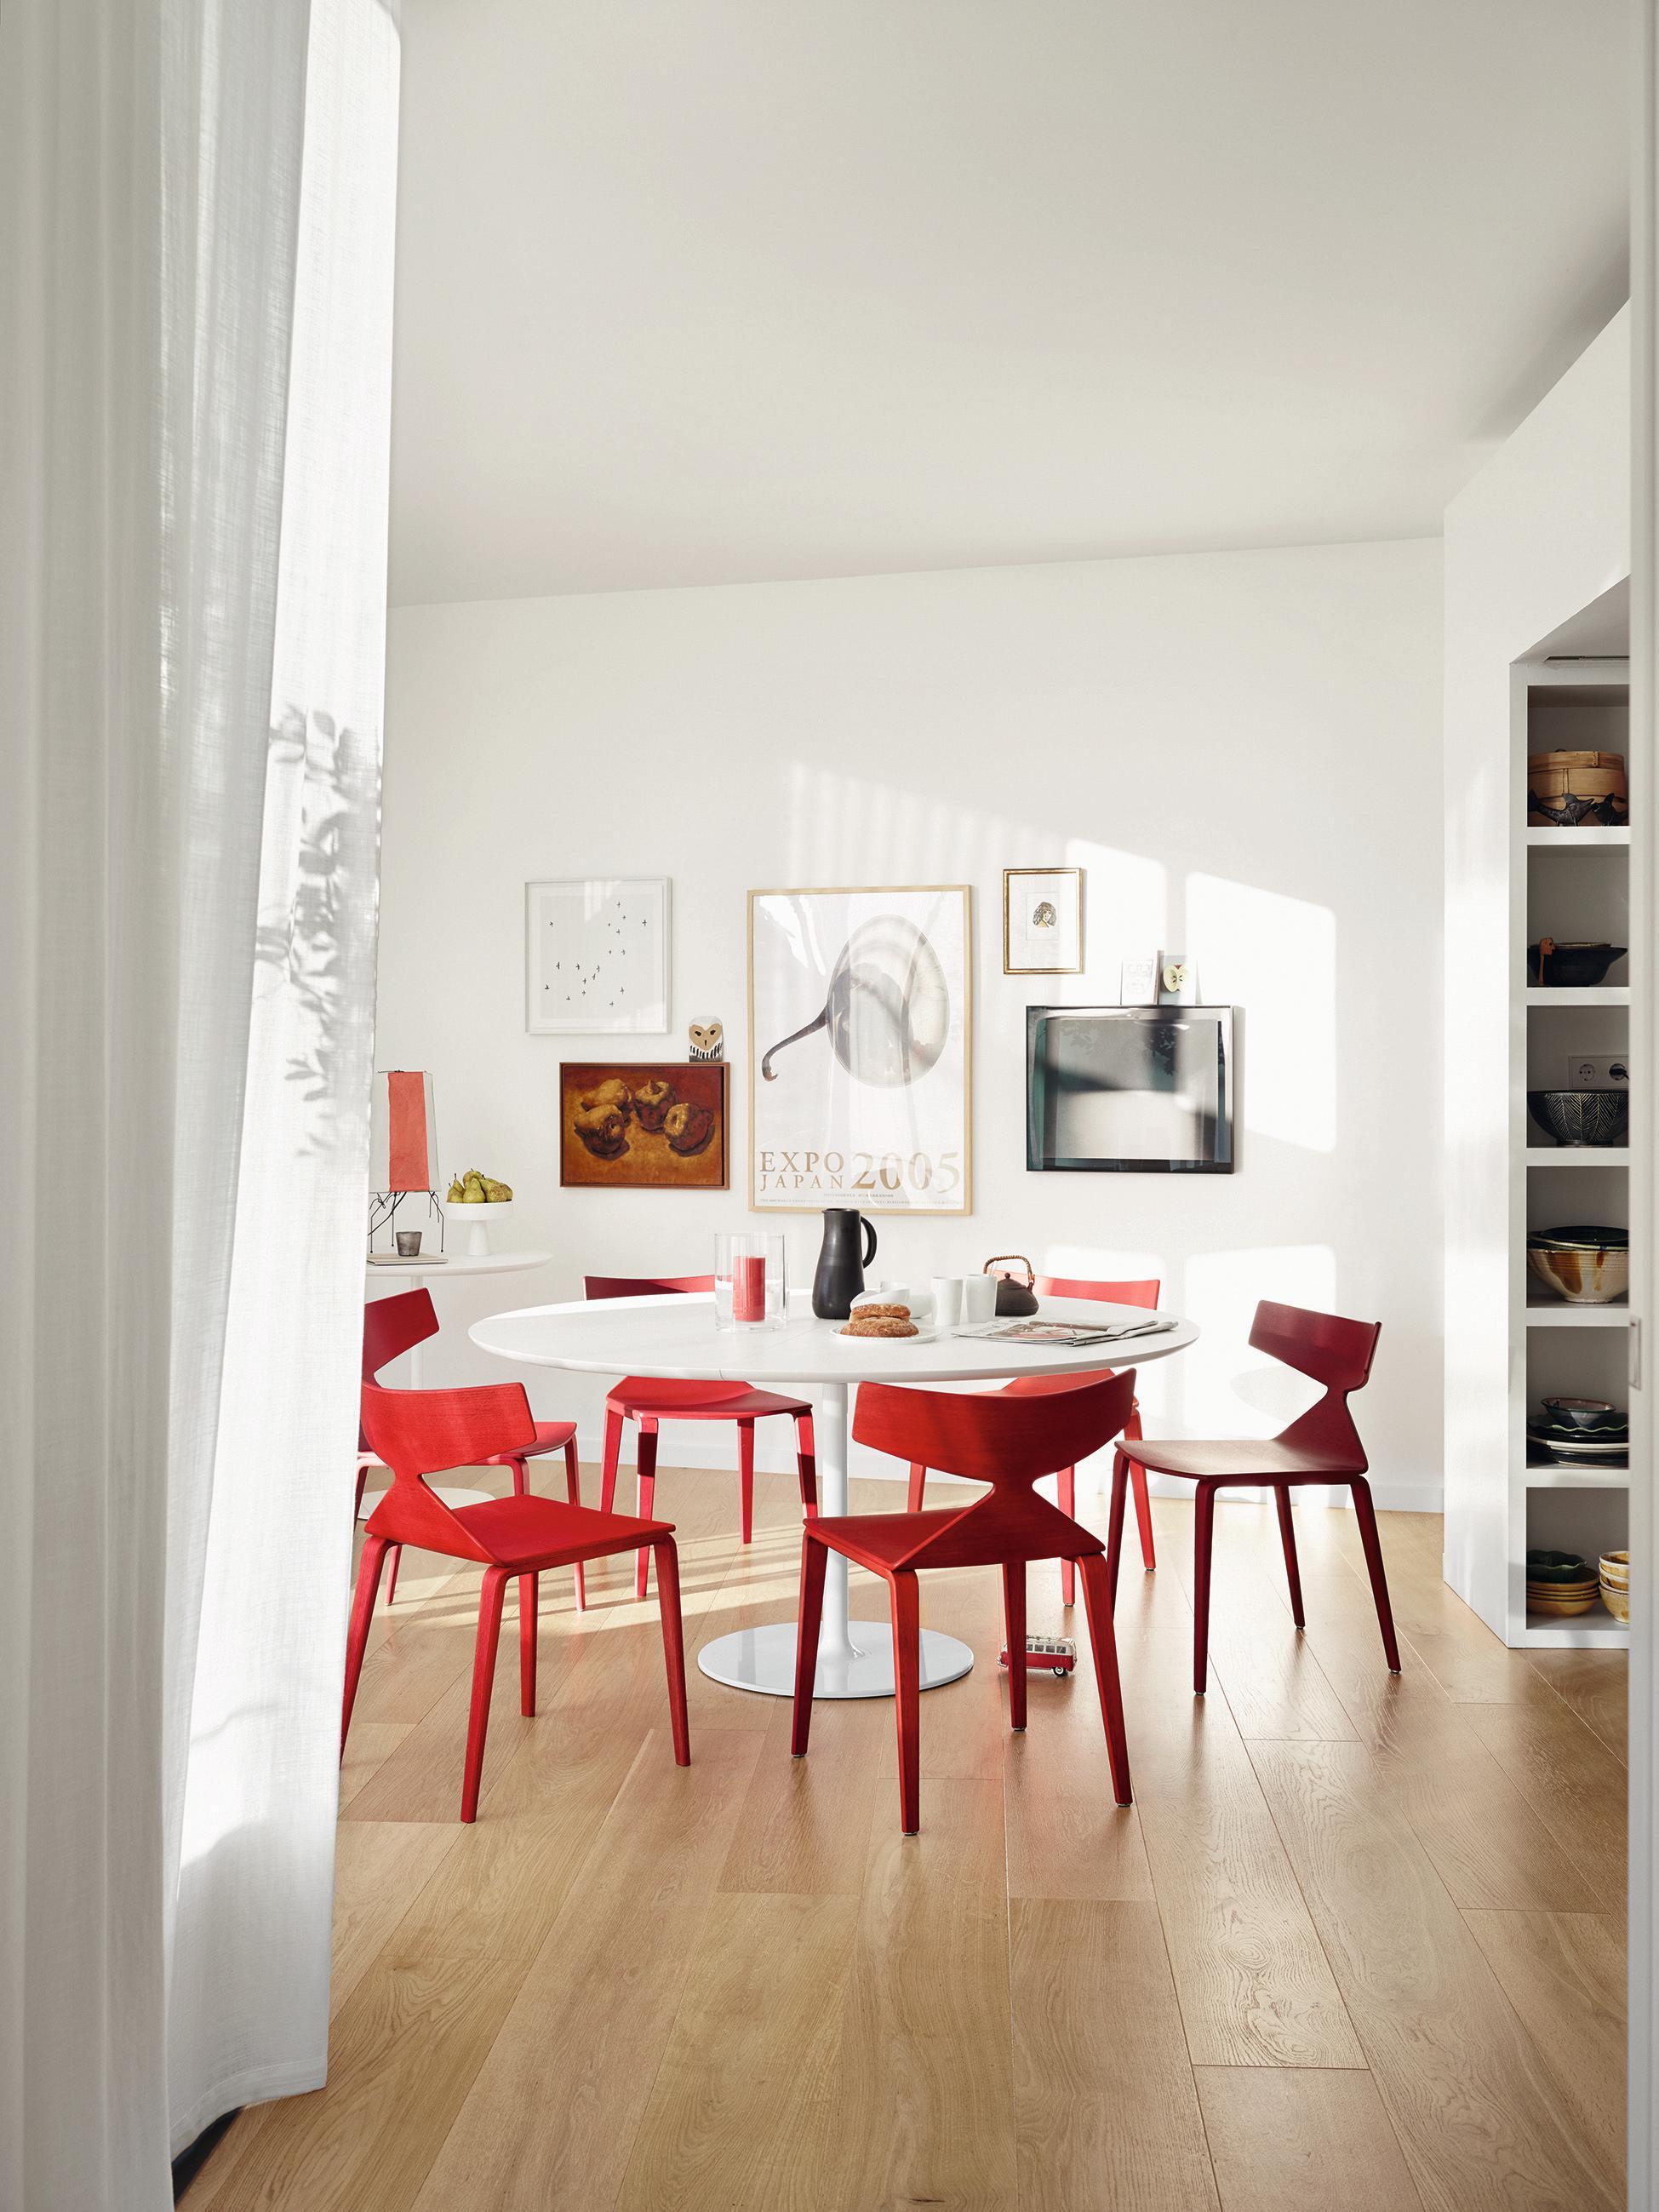 Rote Designer Stühle Im Modernen Essbereich #stuhl #esstisch  #runderesstisch #esszimmerstuhl ©